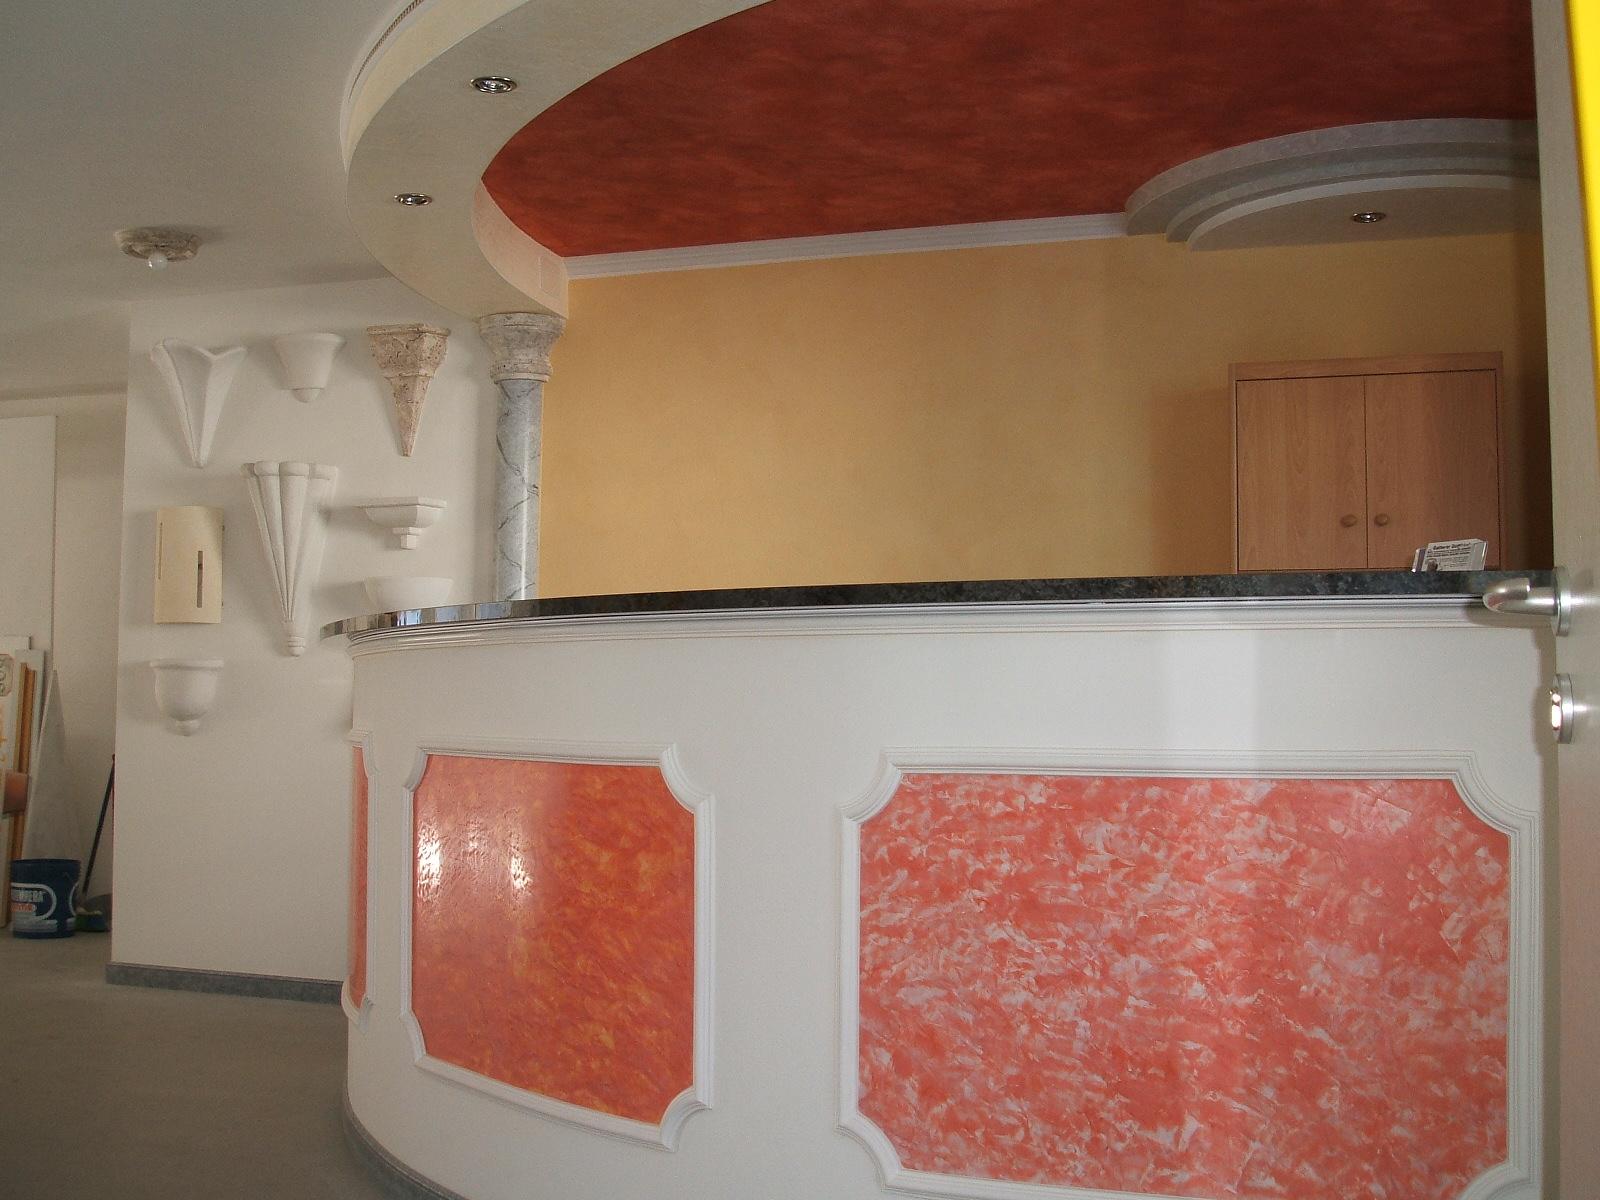 Gatterer gottfried pittore isolazioni termiche decorazioni cartongesso - Stucco veneziano bagno ...